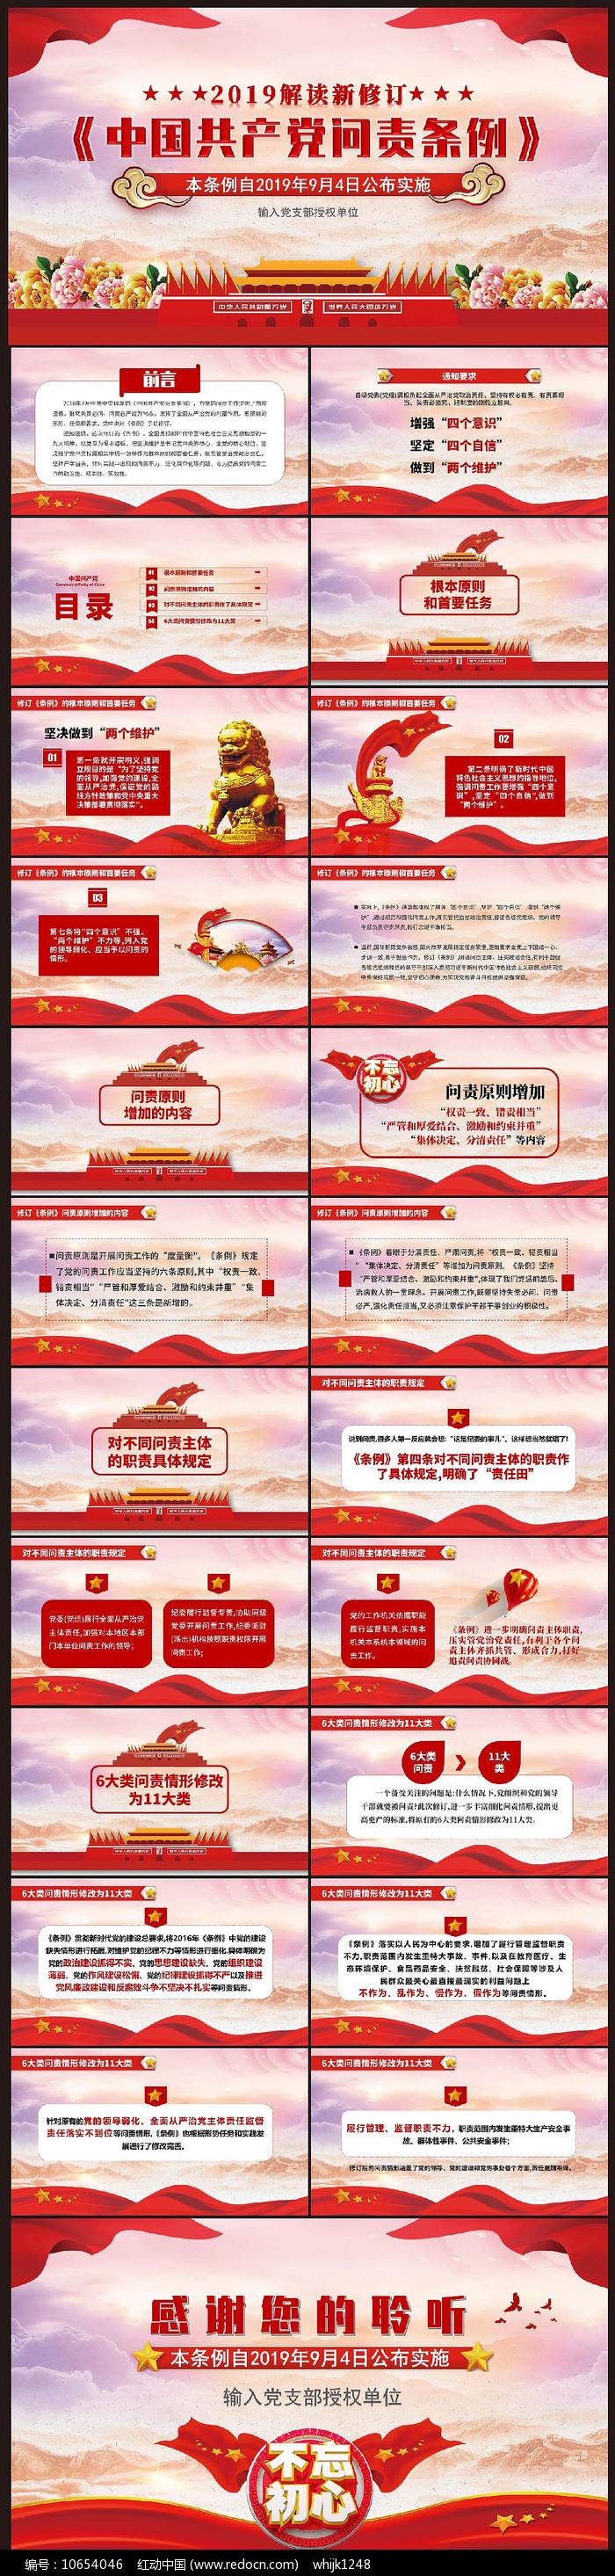 解读中国共产党问责条例ppt图片